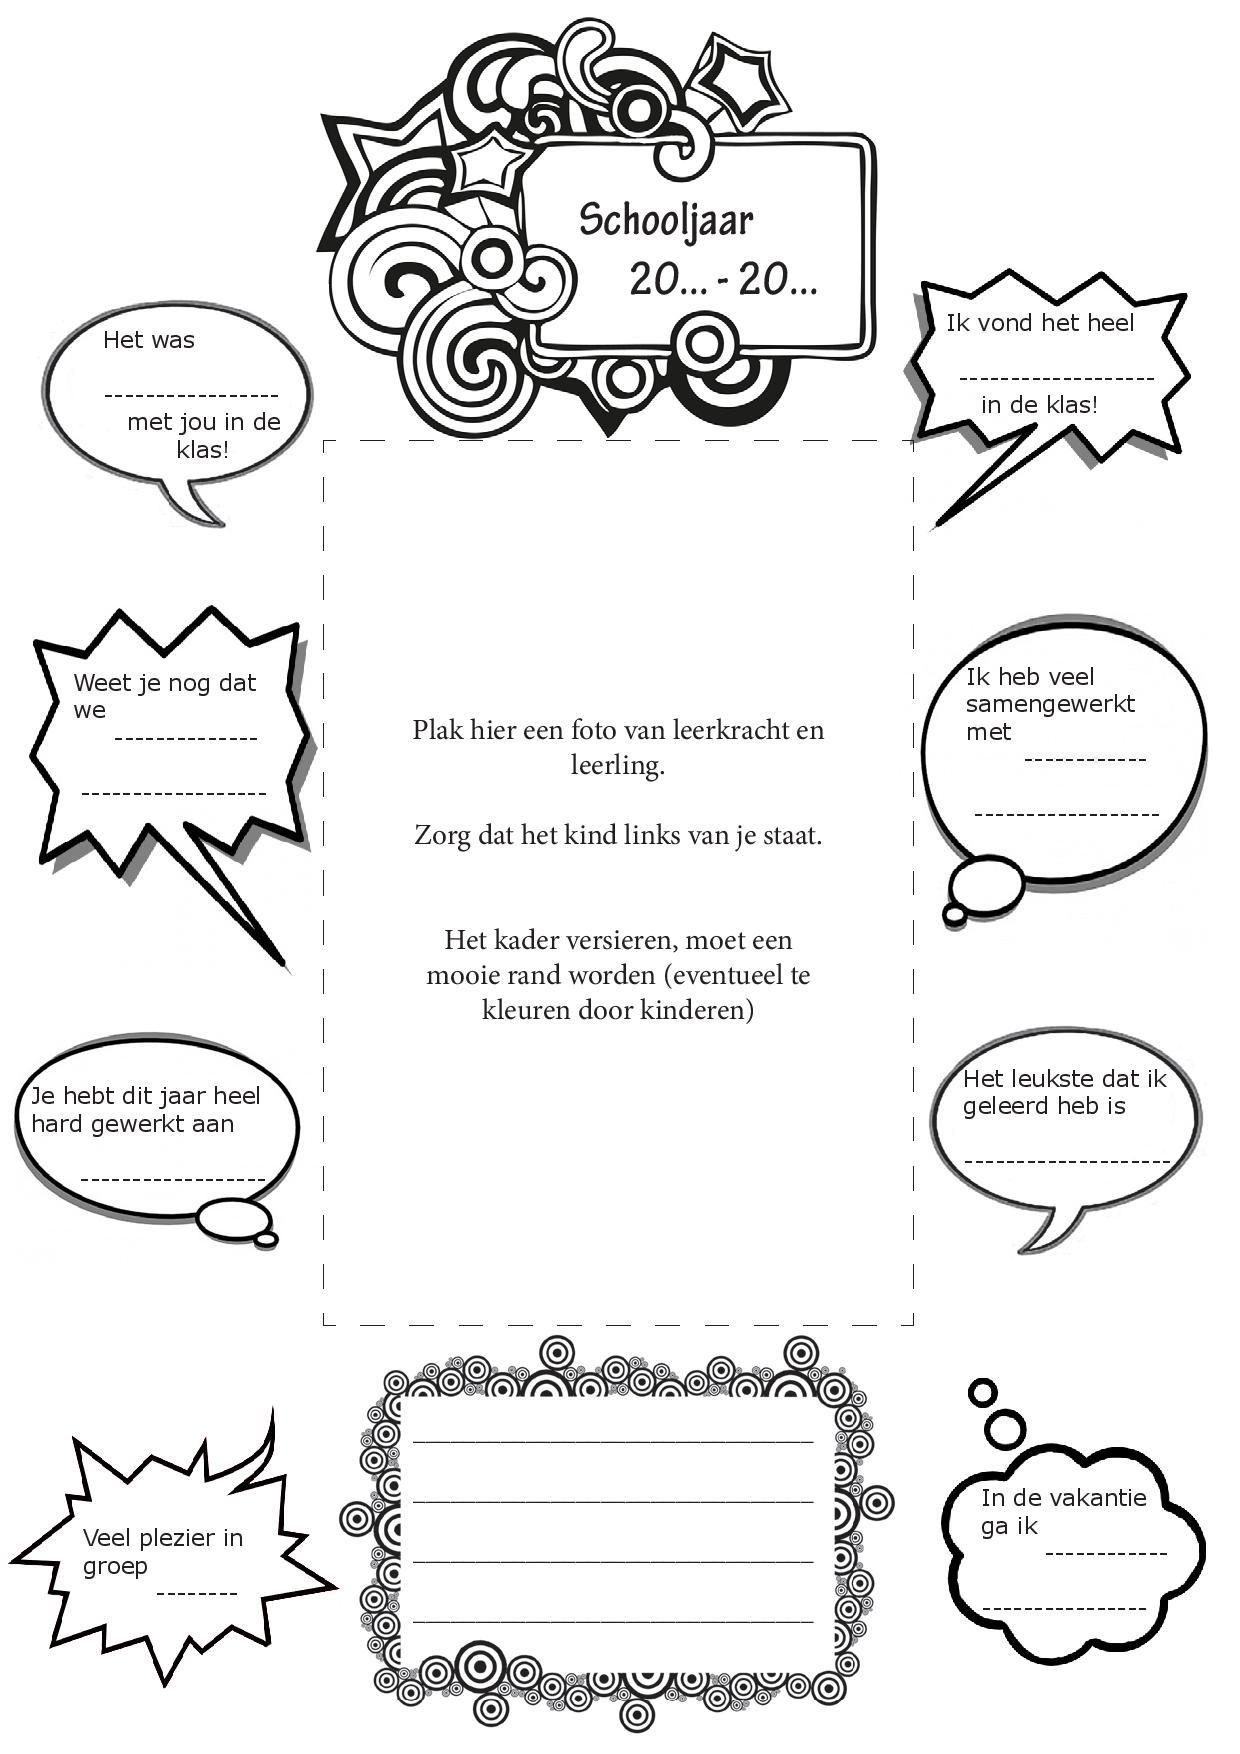 Pin Van Lisanne Verbeek Op School Sociaal Emotioneel School Posters Leraar Waarderen Schoolweek